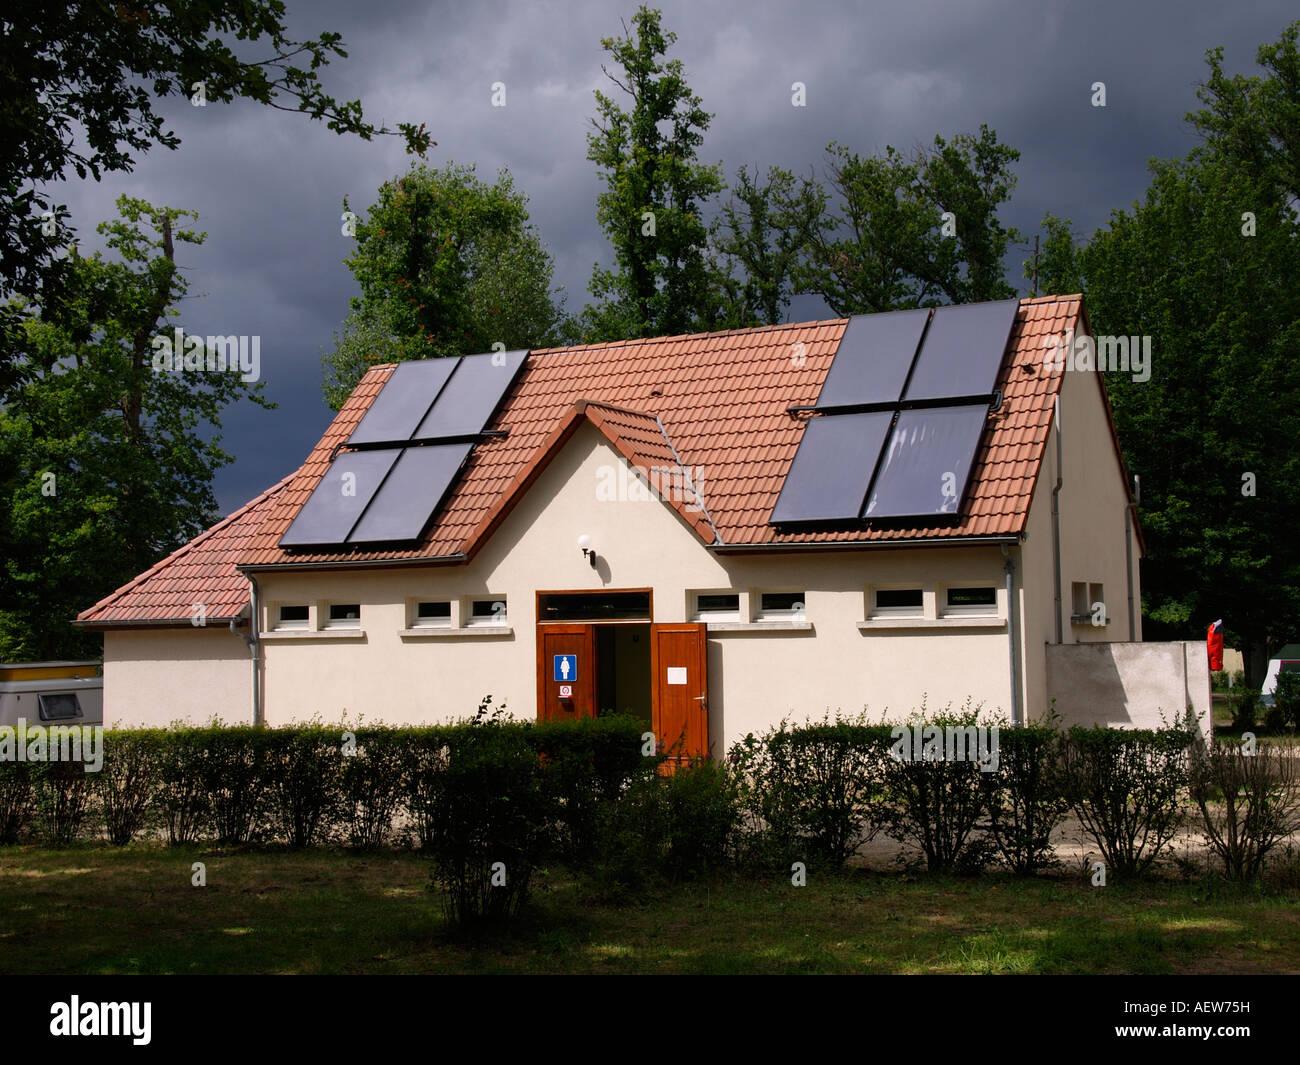 Des panneaux solaires sur le toit d'une salle de bains bâtiment sur un site de camping français cande Photo Stock